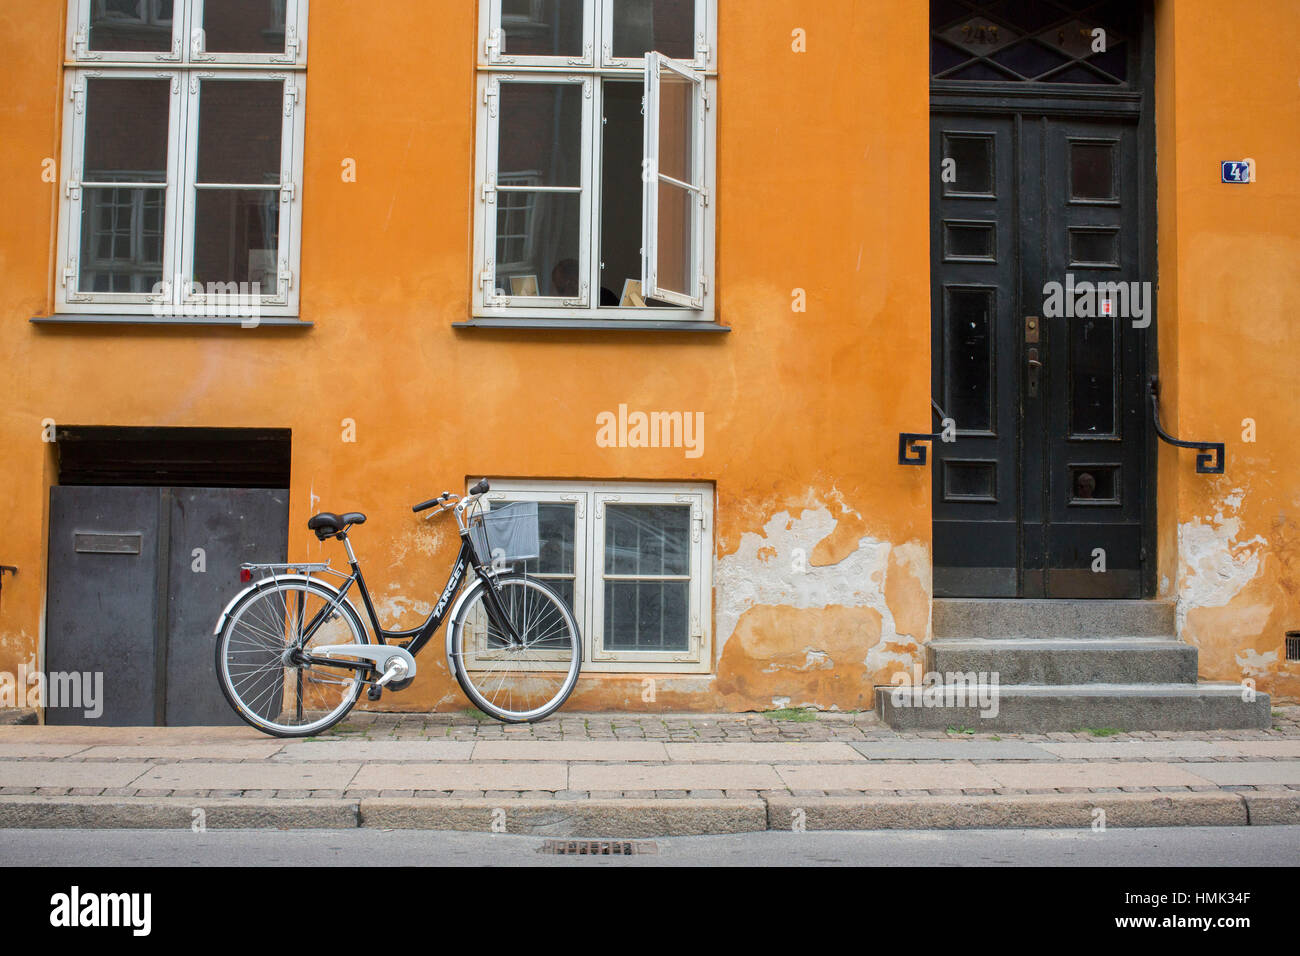 Bike against Orange Wall Copenhagen, Denmark - Stock Image